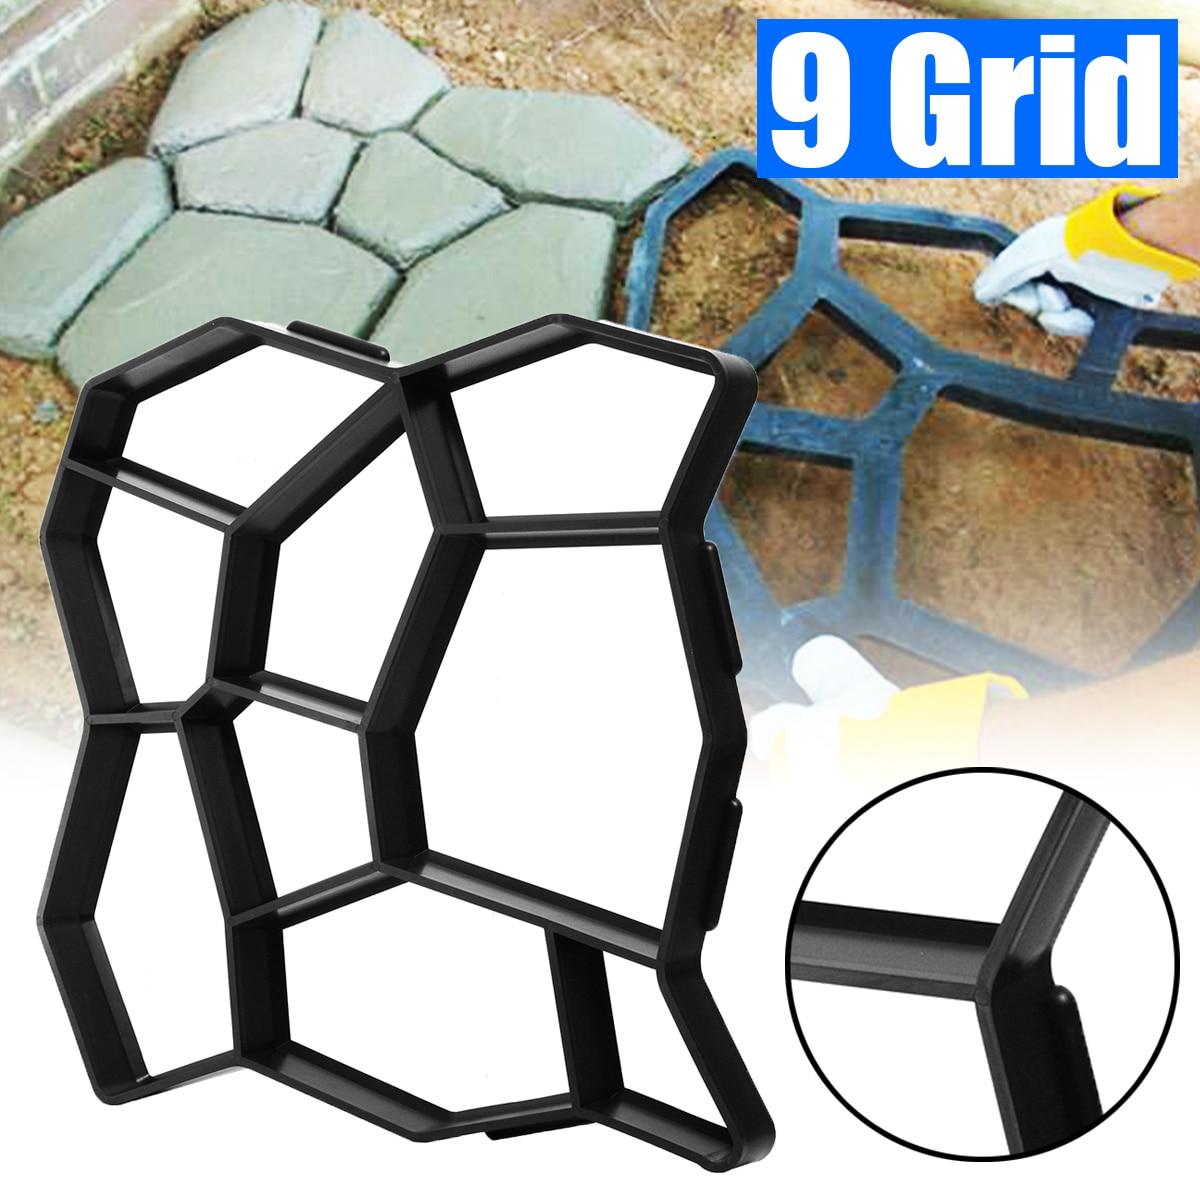 50*50*4.5cm DIY Paving Mold Stepping Stone Concrete Floor Path Maker Mould Pavement Driveway Patio Paver Path Garden Design